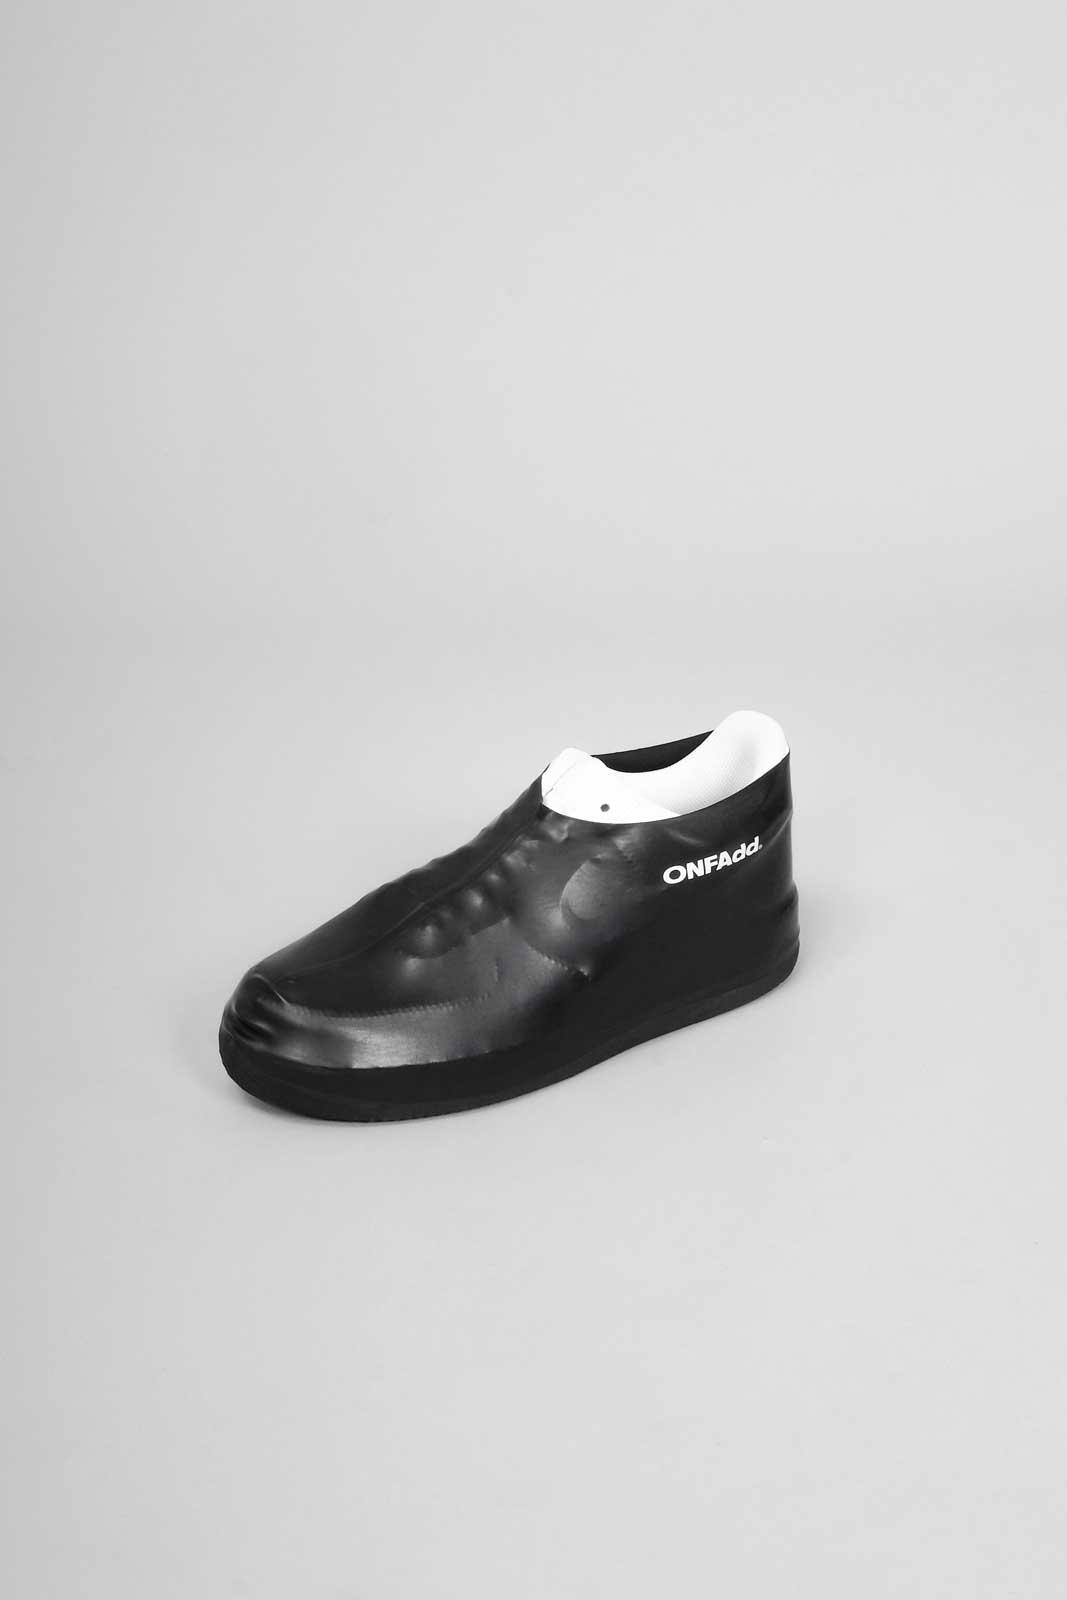 Regensocken zum Schutz eurer Sneaker sneakersocken-onfadd_05